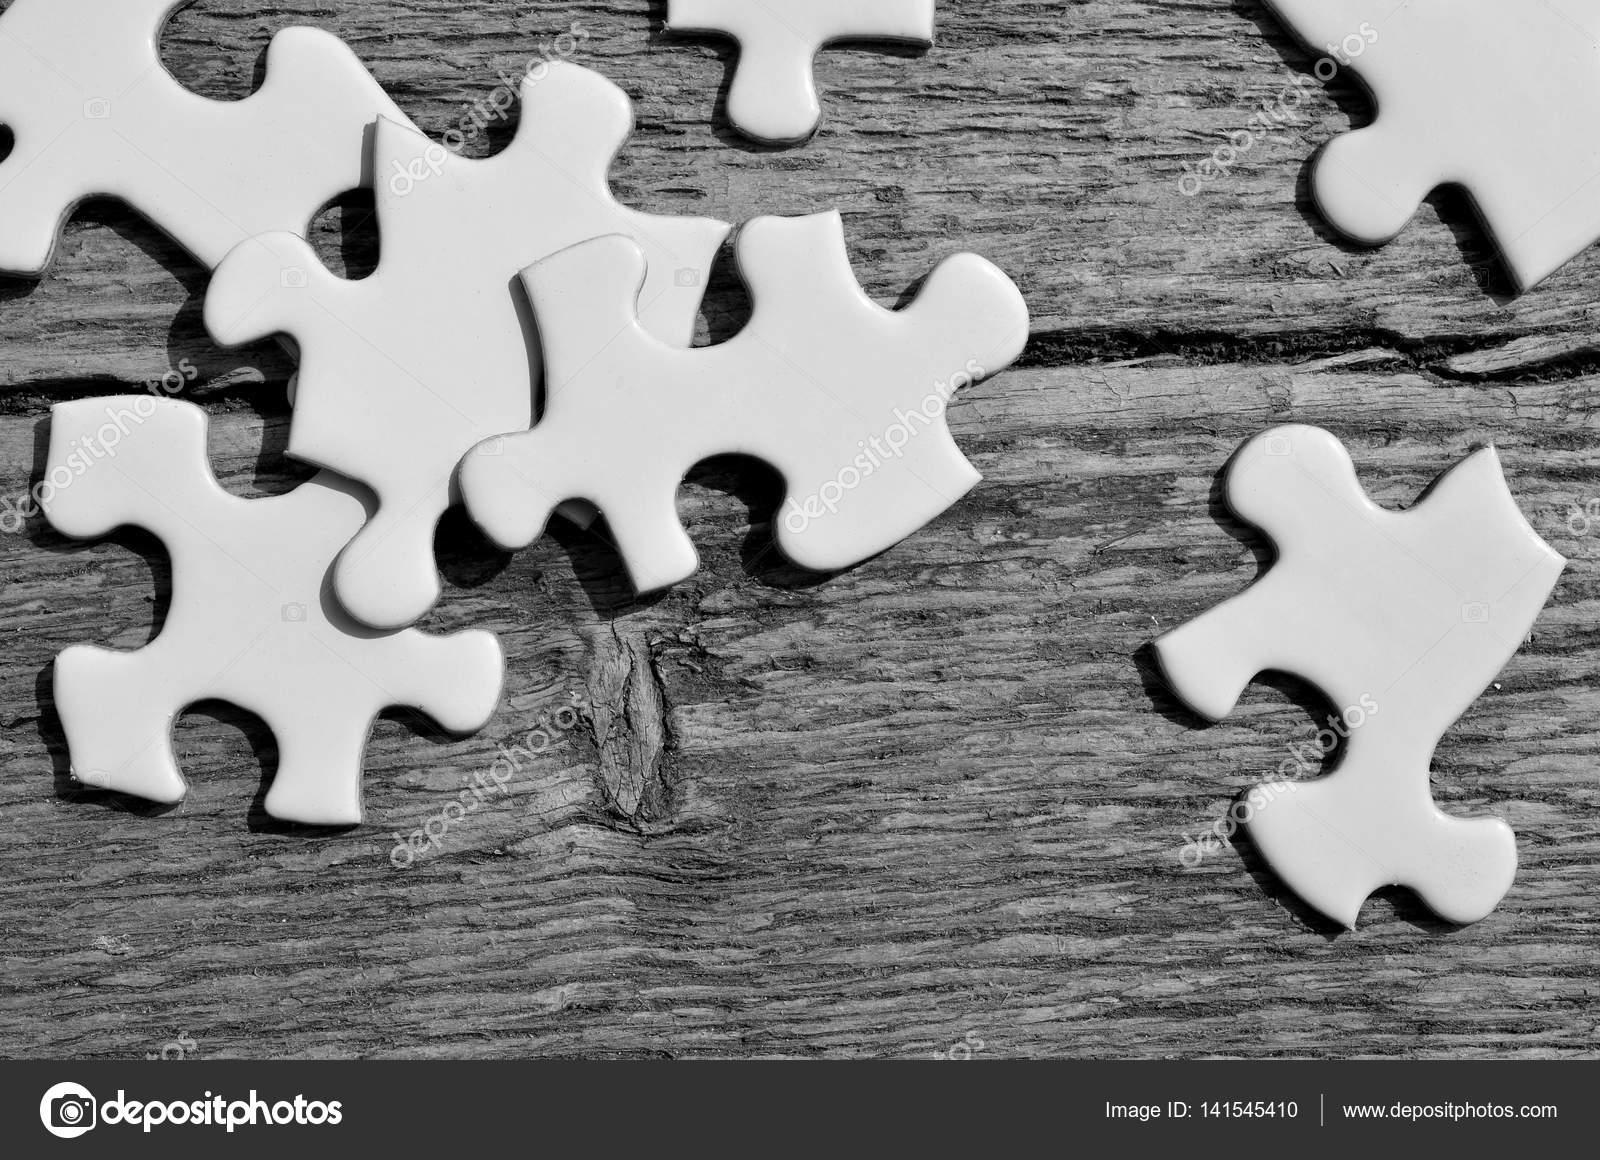 r u00e9sum u00e9 du puzzle noir et blanc  u2014 photographie shutterbug68  u00a9  141545410